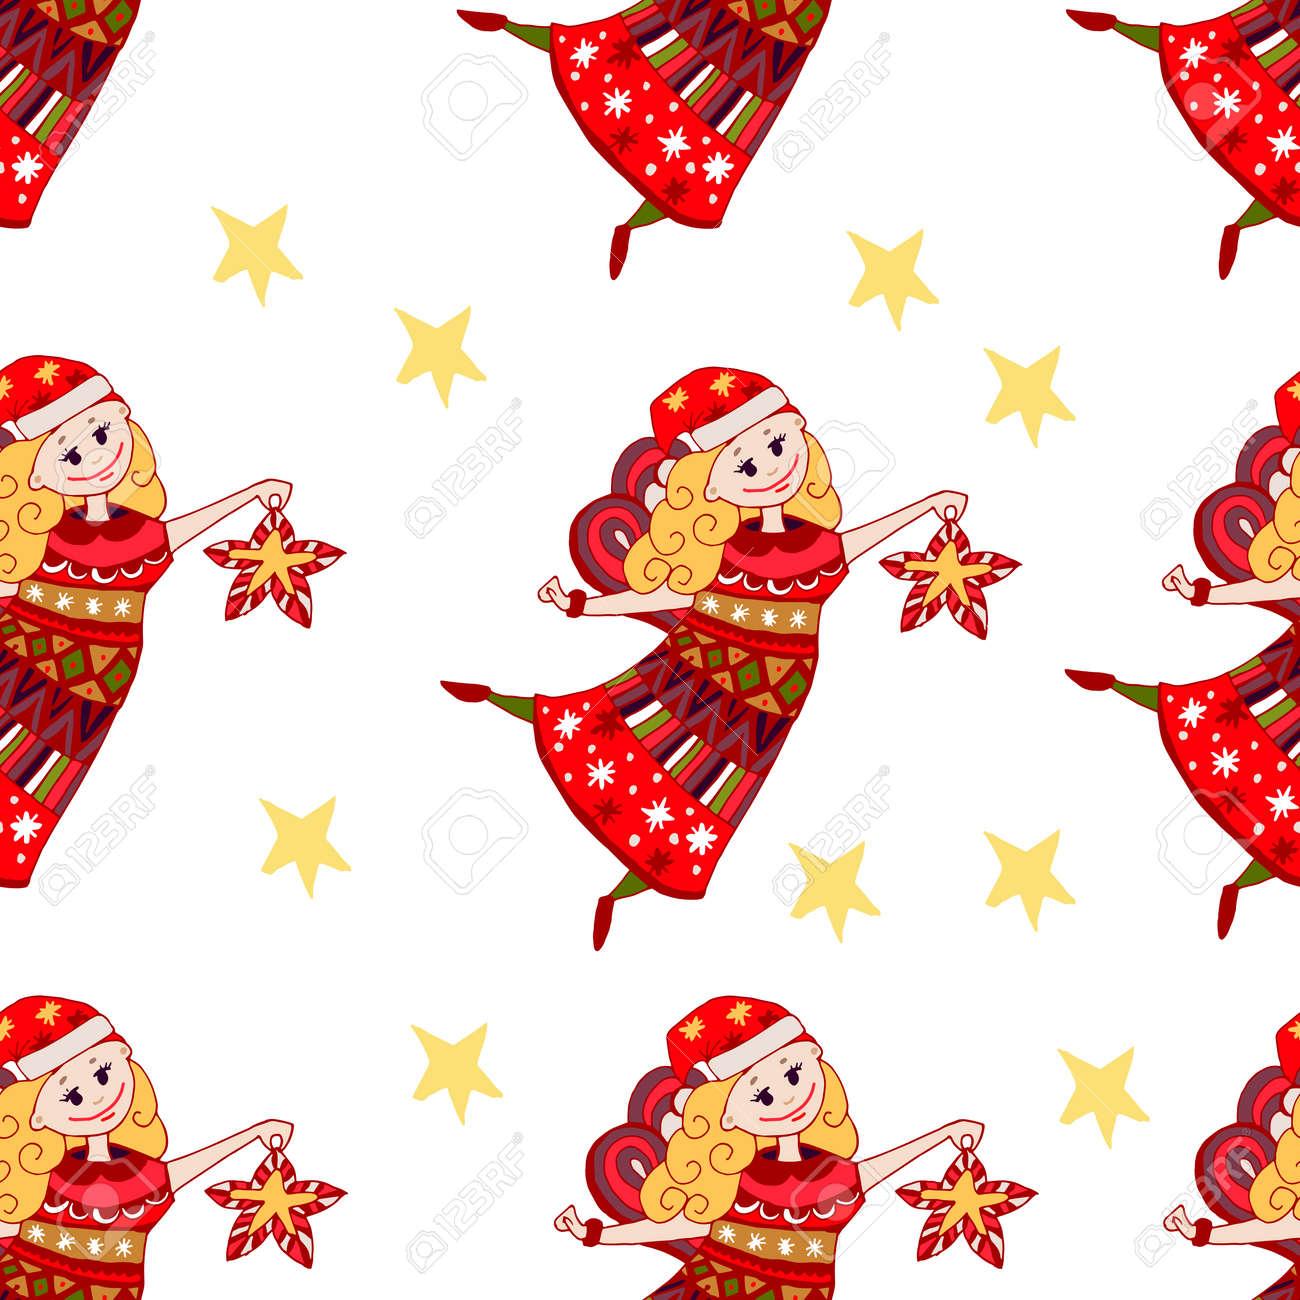 Estilo De Dibujos Animados Drenados Coloreado Navidad Del ángel Hada Modelo En El Fondo Blanco Elemento Para Niños Y Adultos De Libro Para